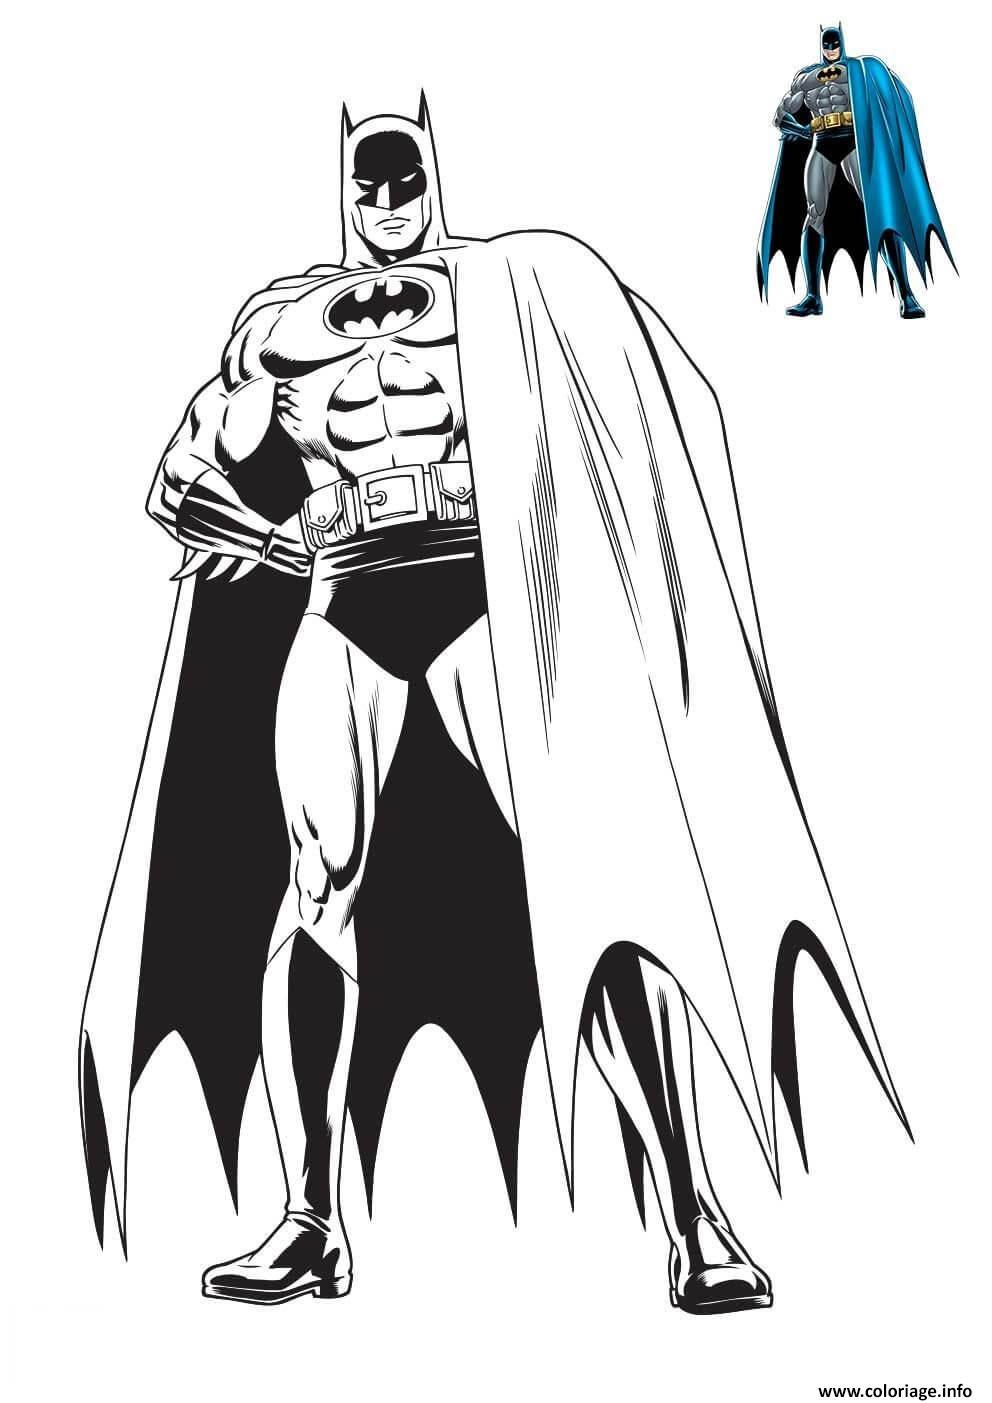 Dessin homme chauve souris de DC Comics Coloriage Gratuit à Imprimer